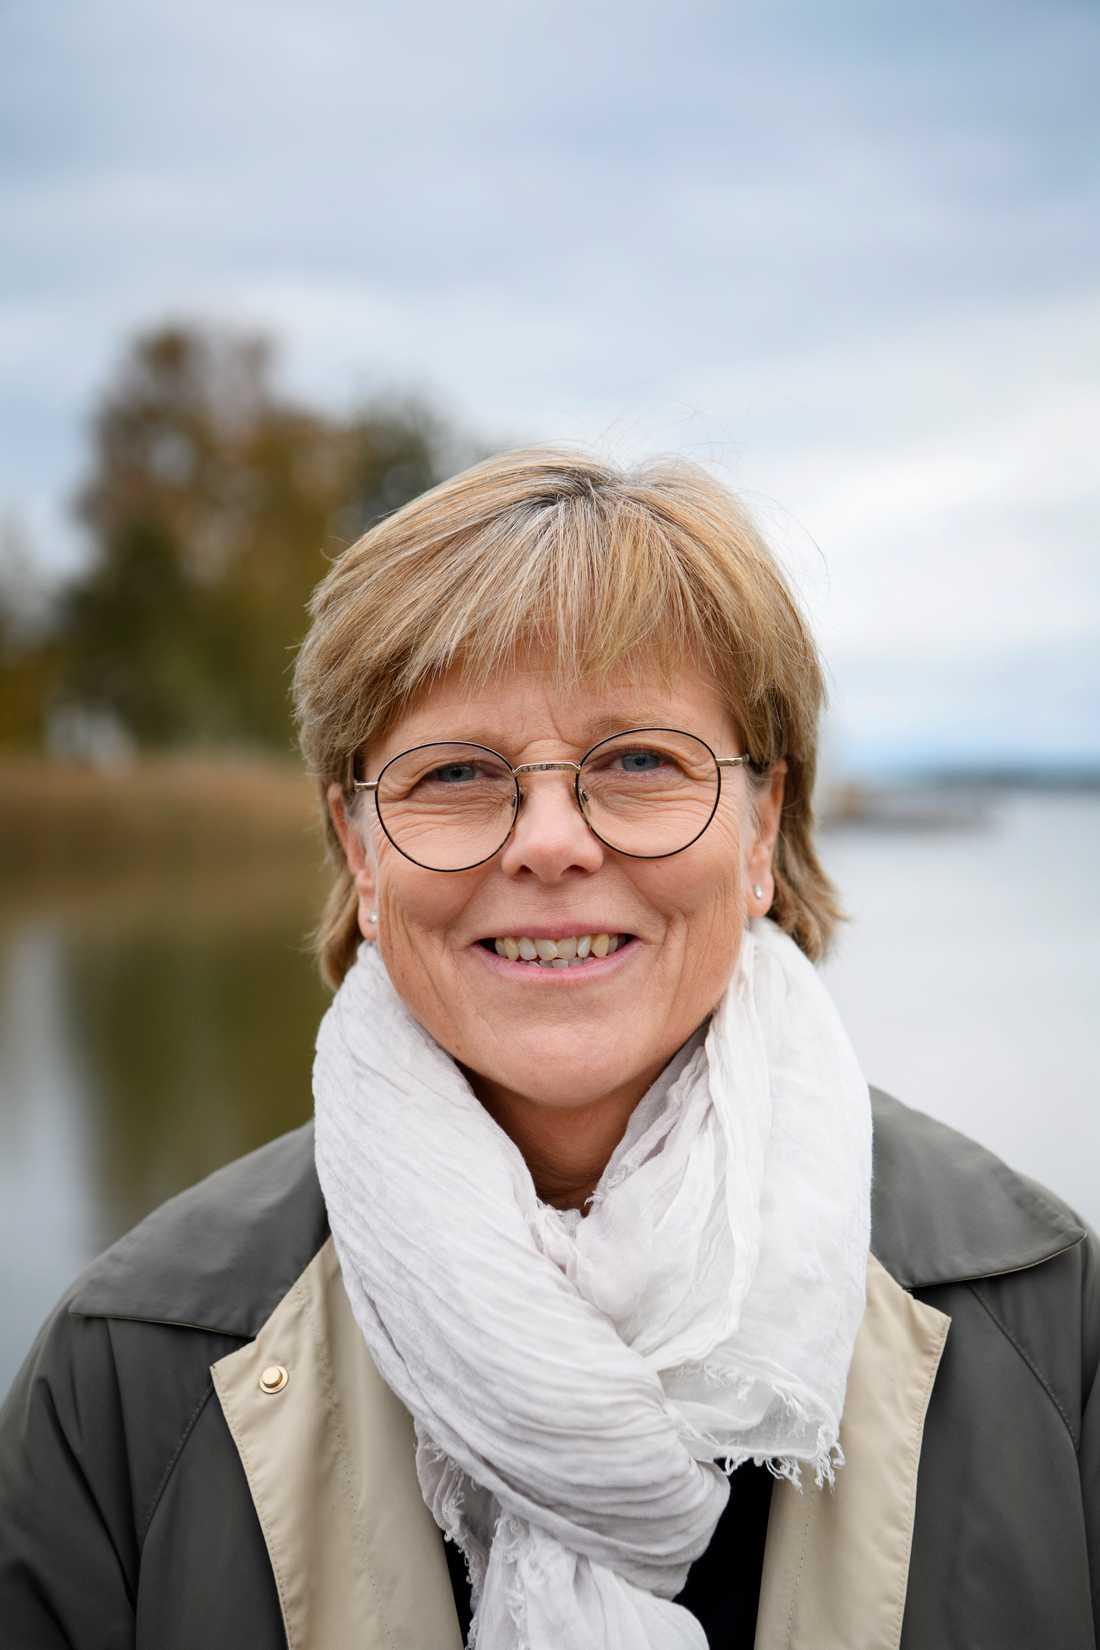 """Svenska Akademiens ständige sekreterare Mats Malm ser fram emot att få jobba med Ingrid Carlberg. """"Hon har skrivit några fantastiska biografier"""", säger han."""